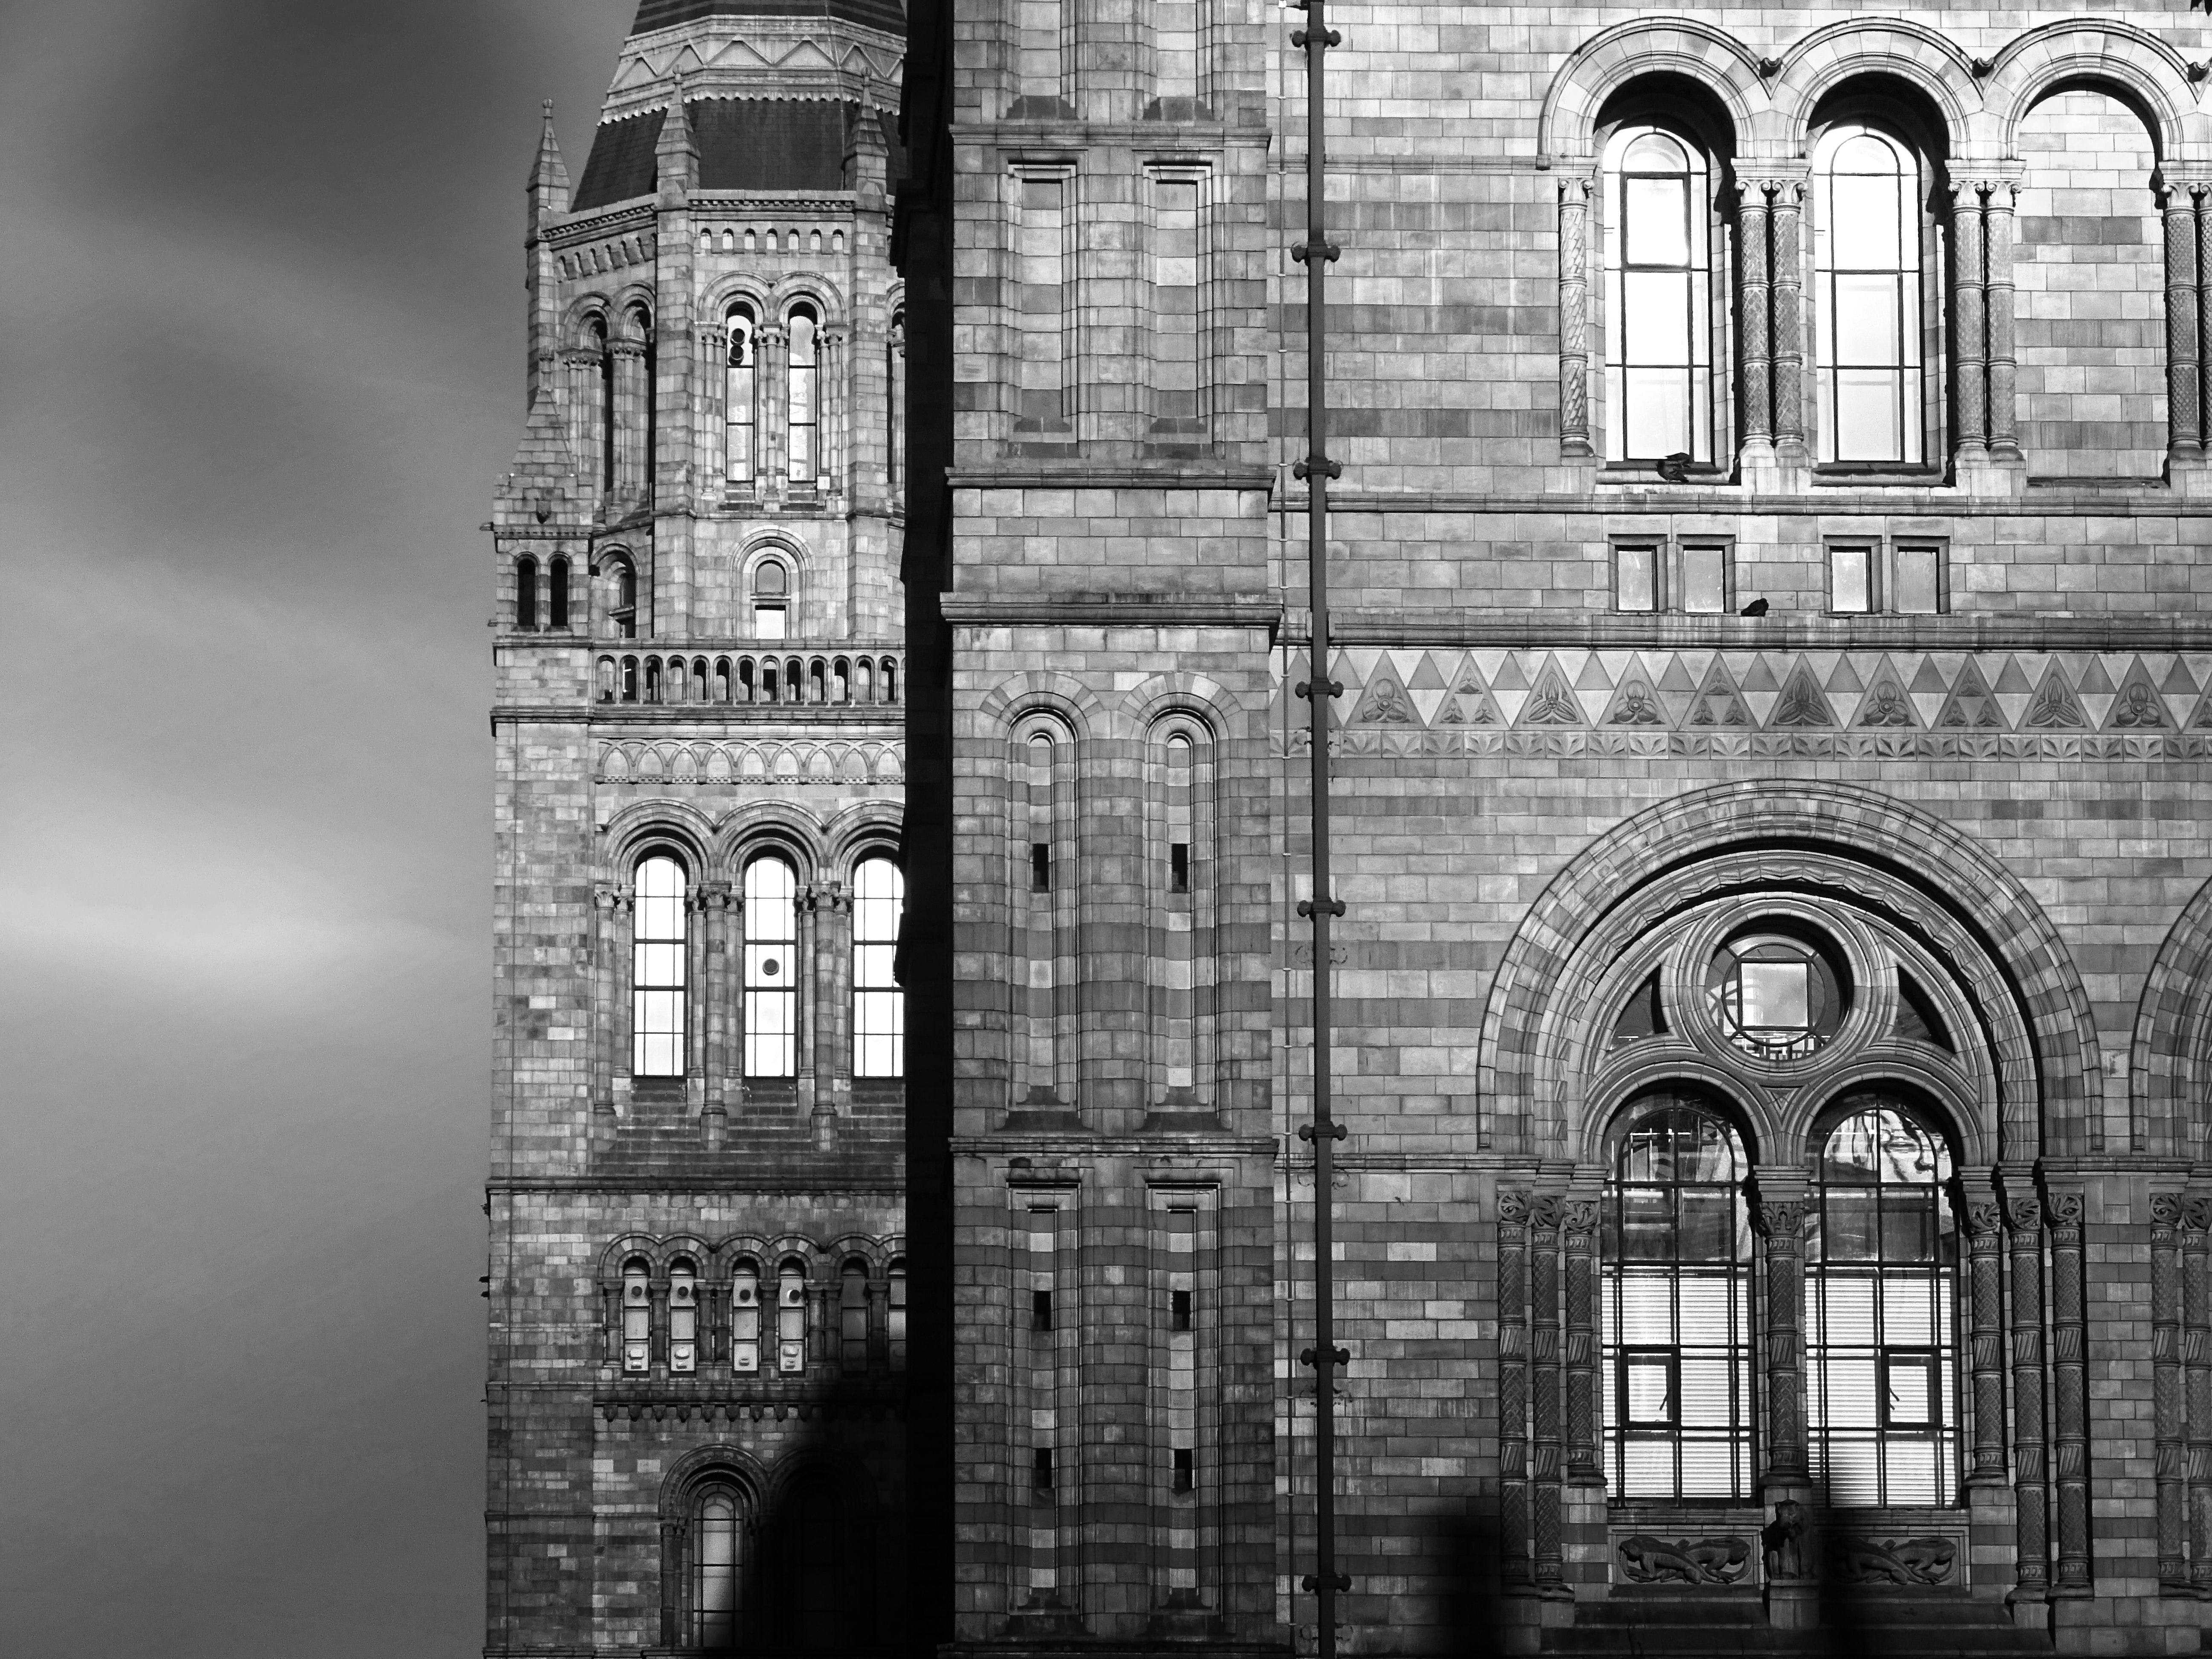 塔, 天空, 建築, 建造 的 免费素材照片